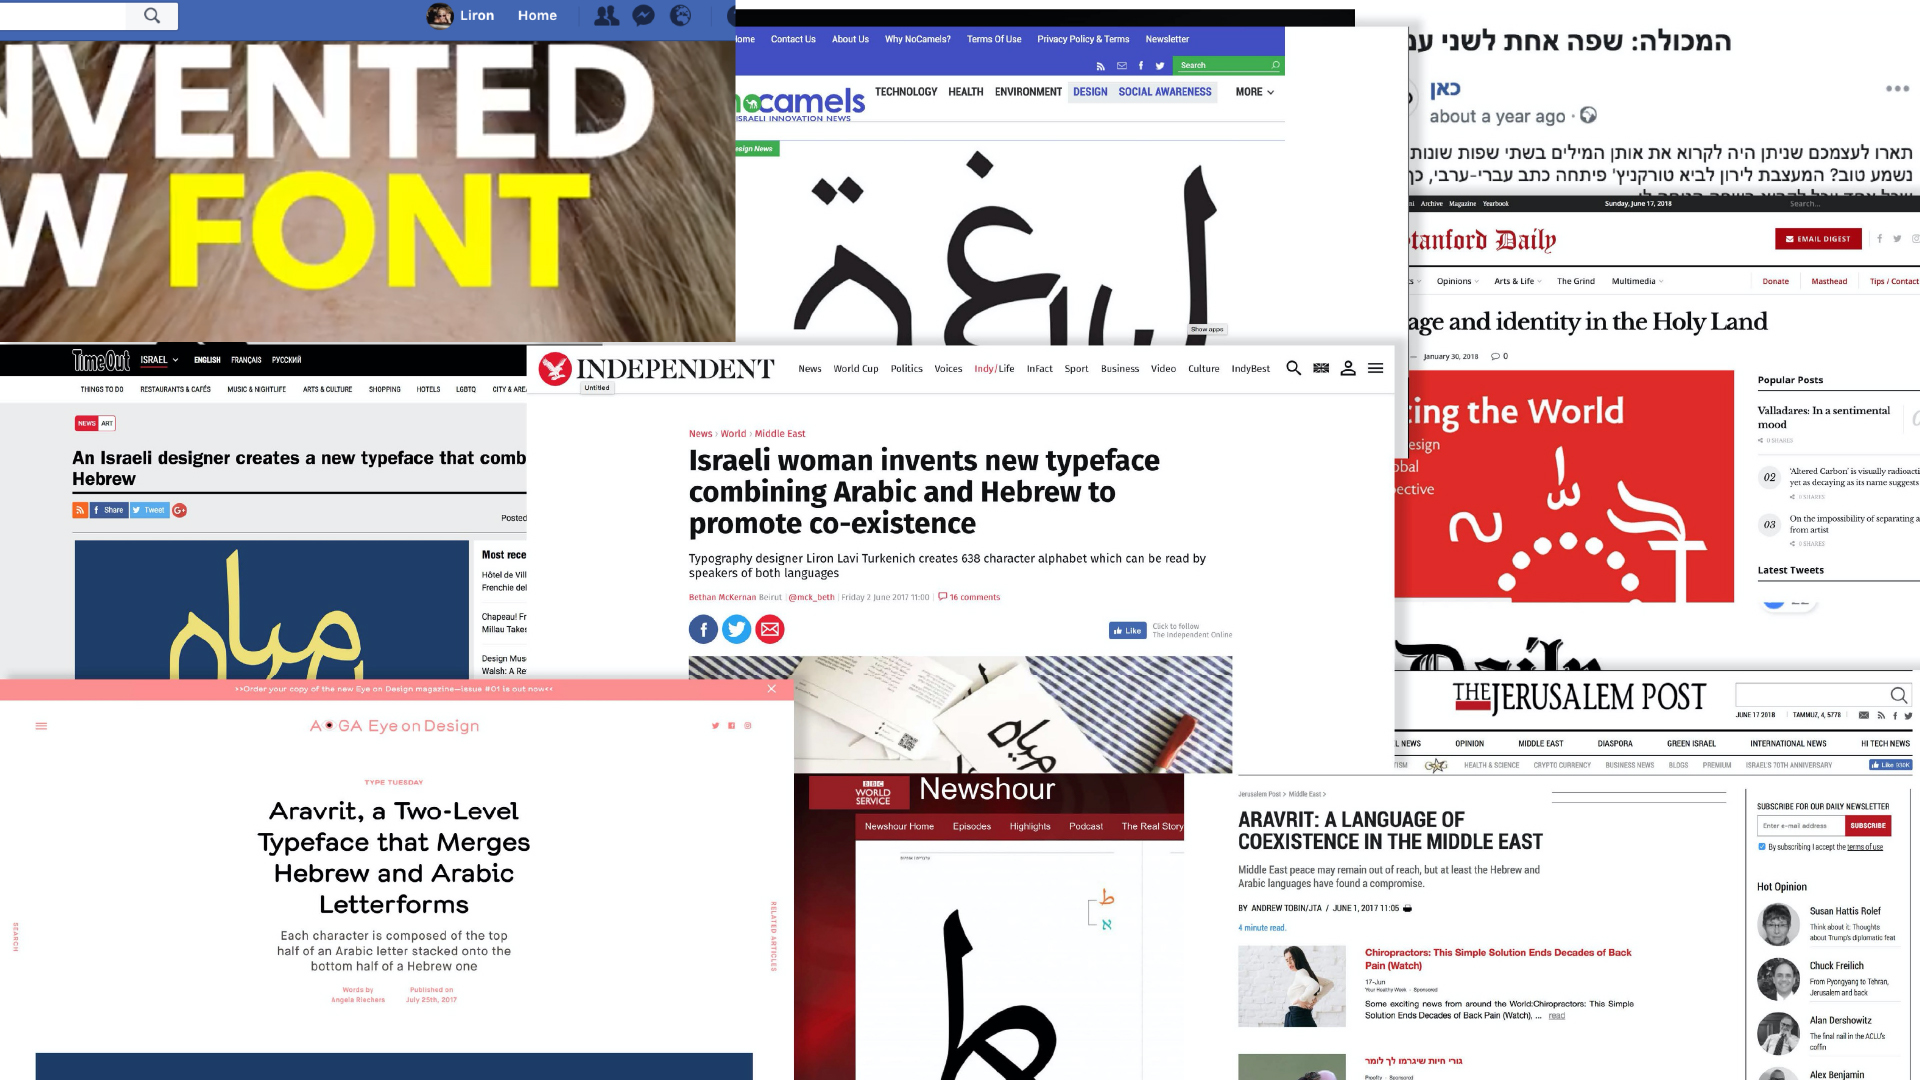 אזכורים בתקשורת של ׳ערברית׳